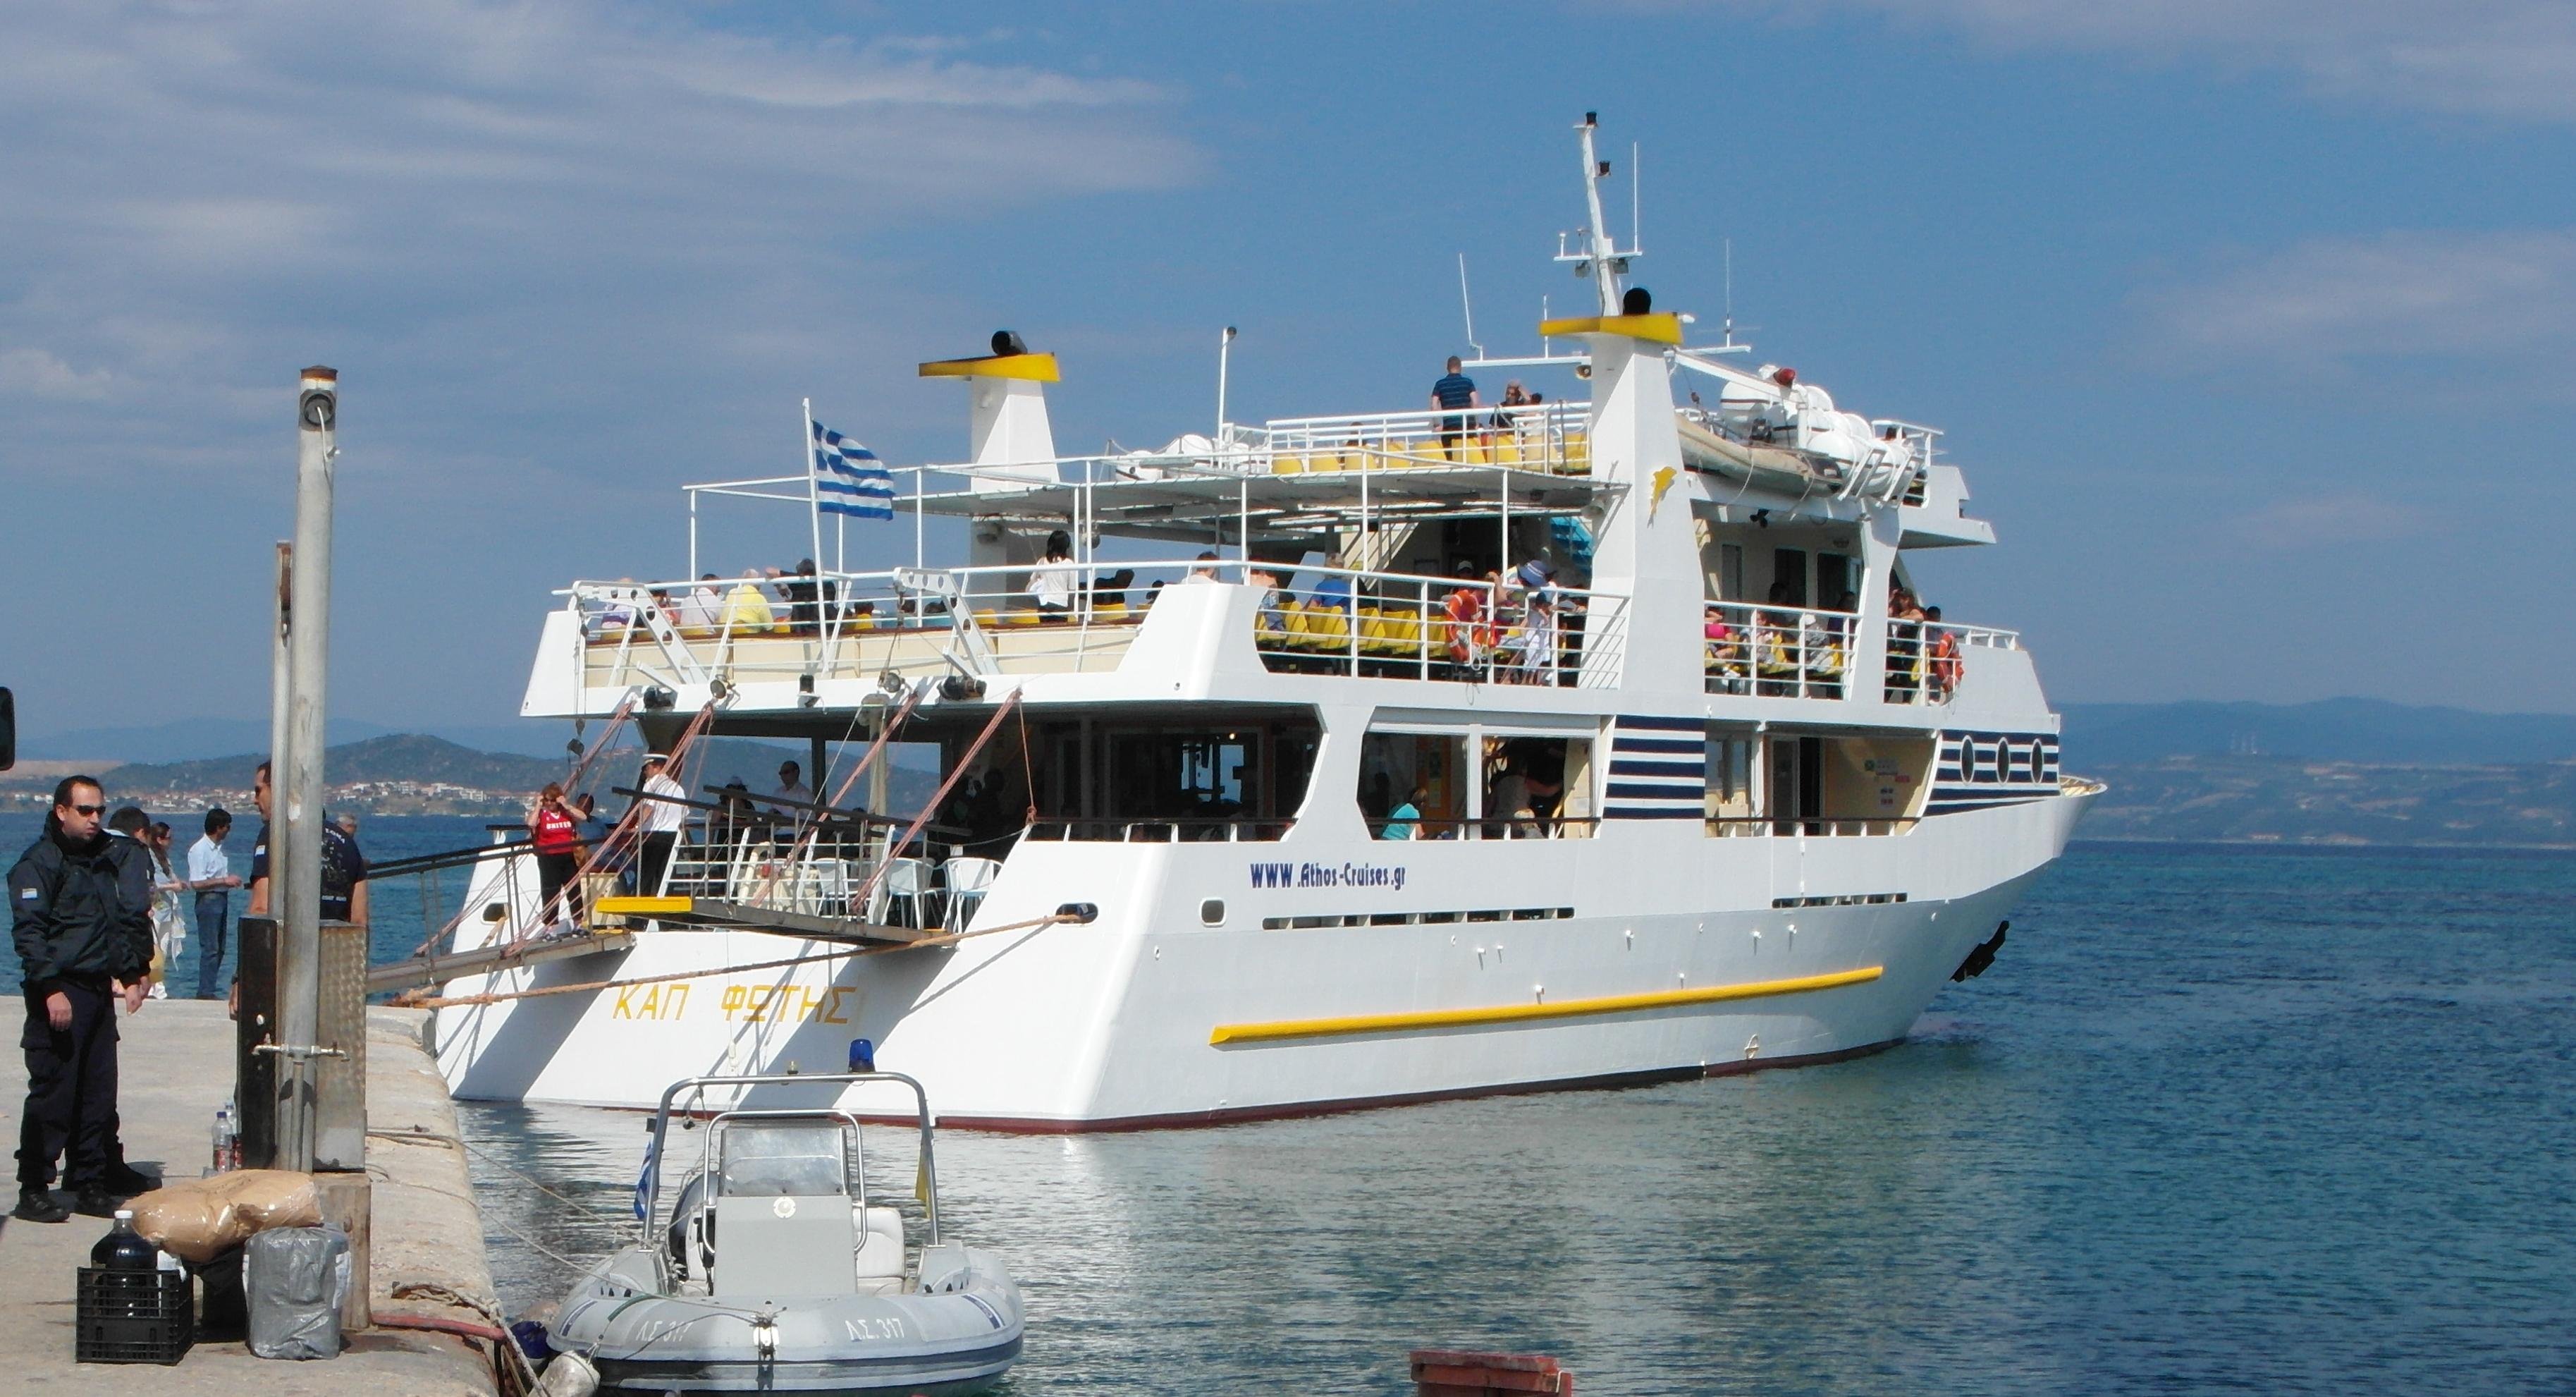 Mount Athos : cruise boat